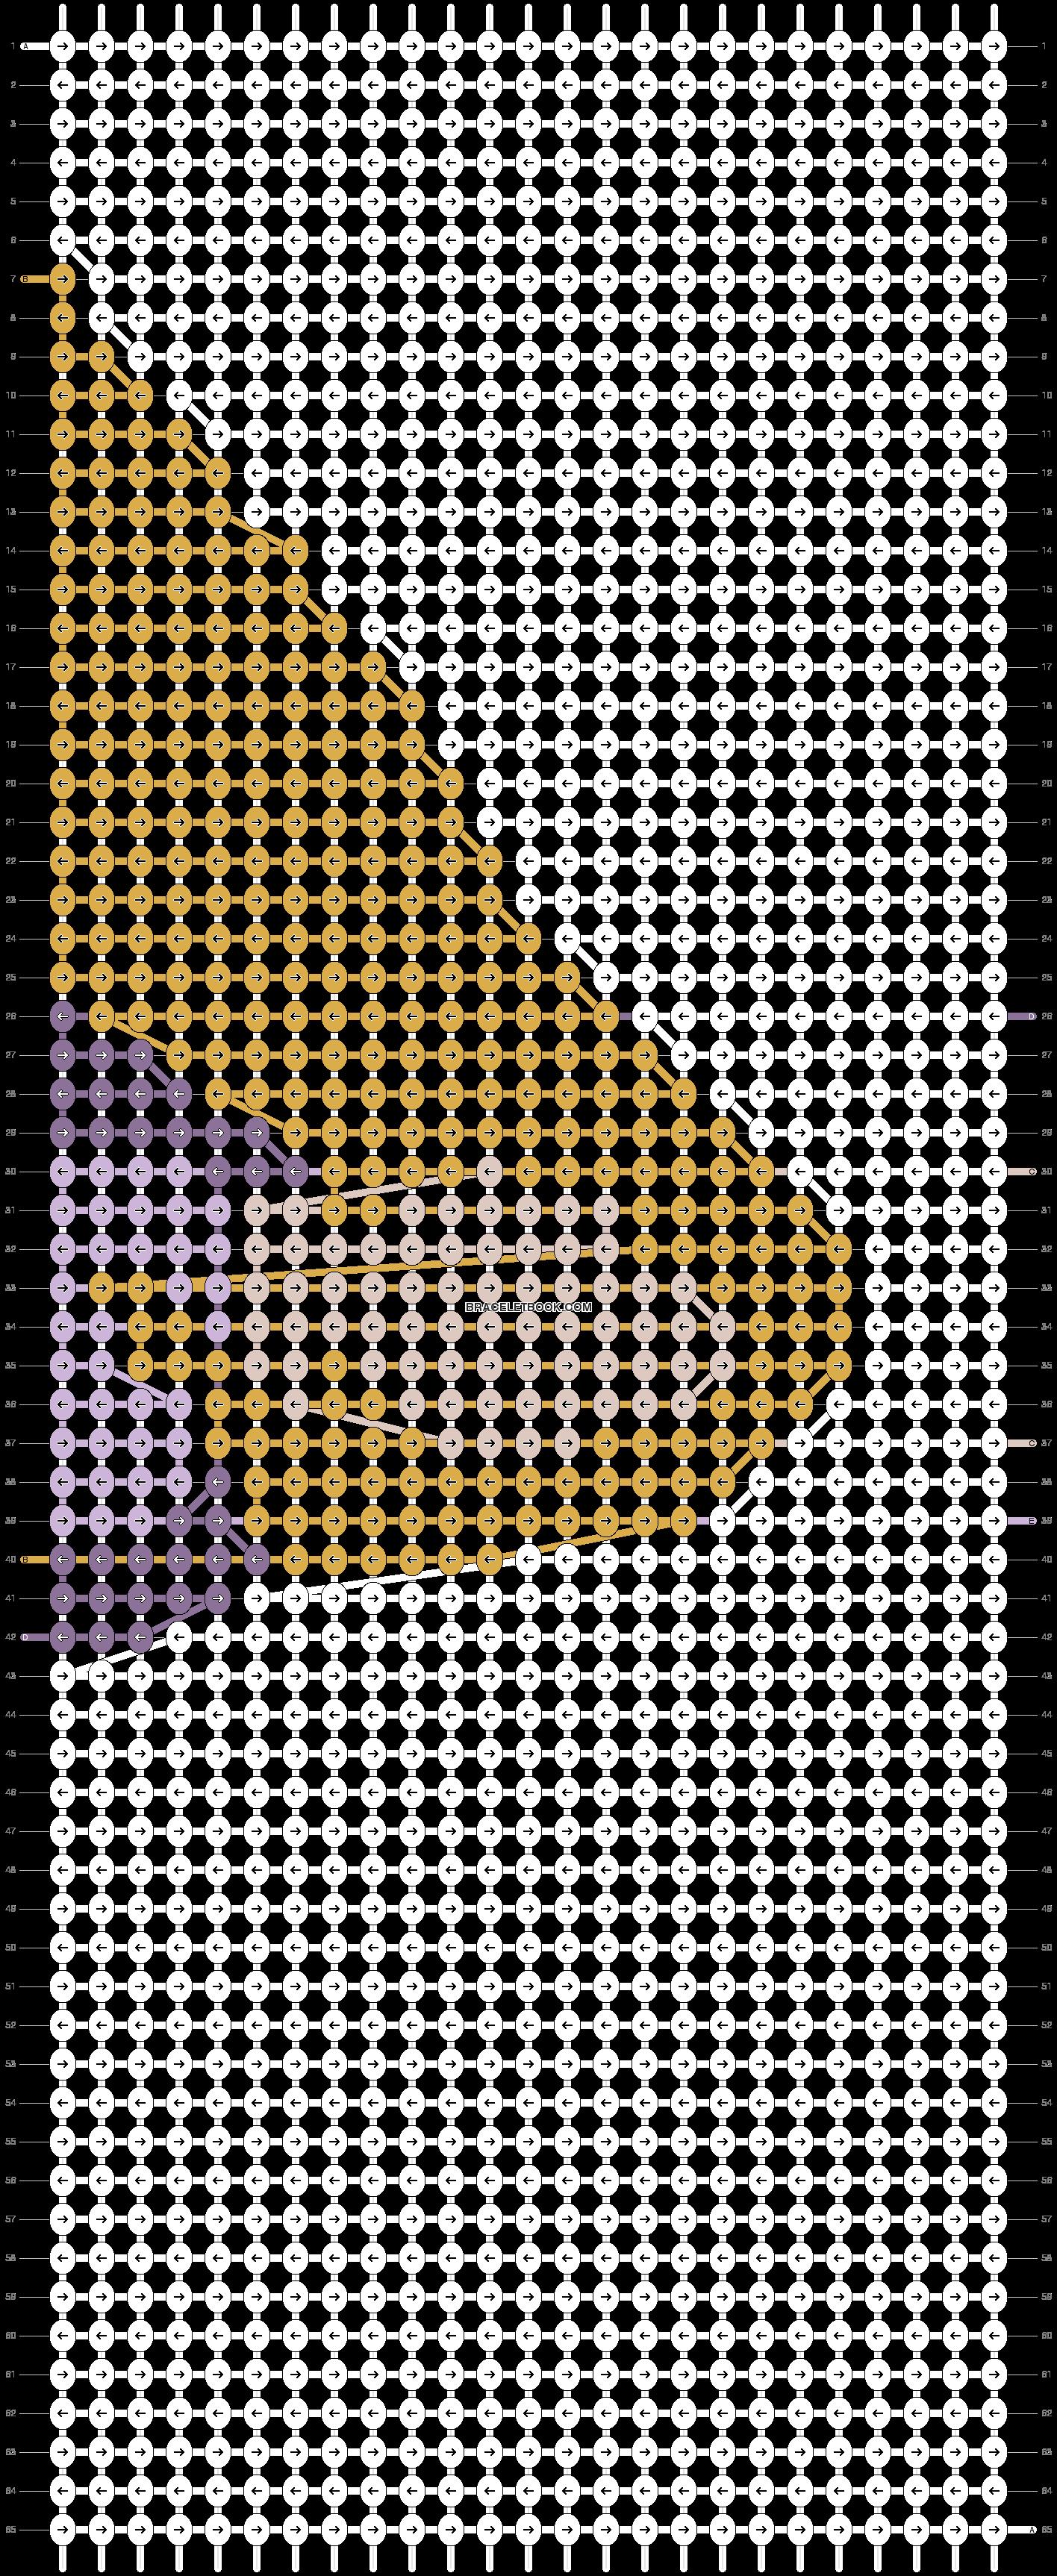 Alpha Friendship Bracelet Pattern #11790 - BraceletBook.com ...